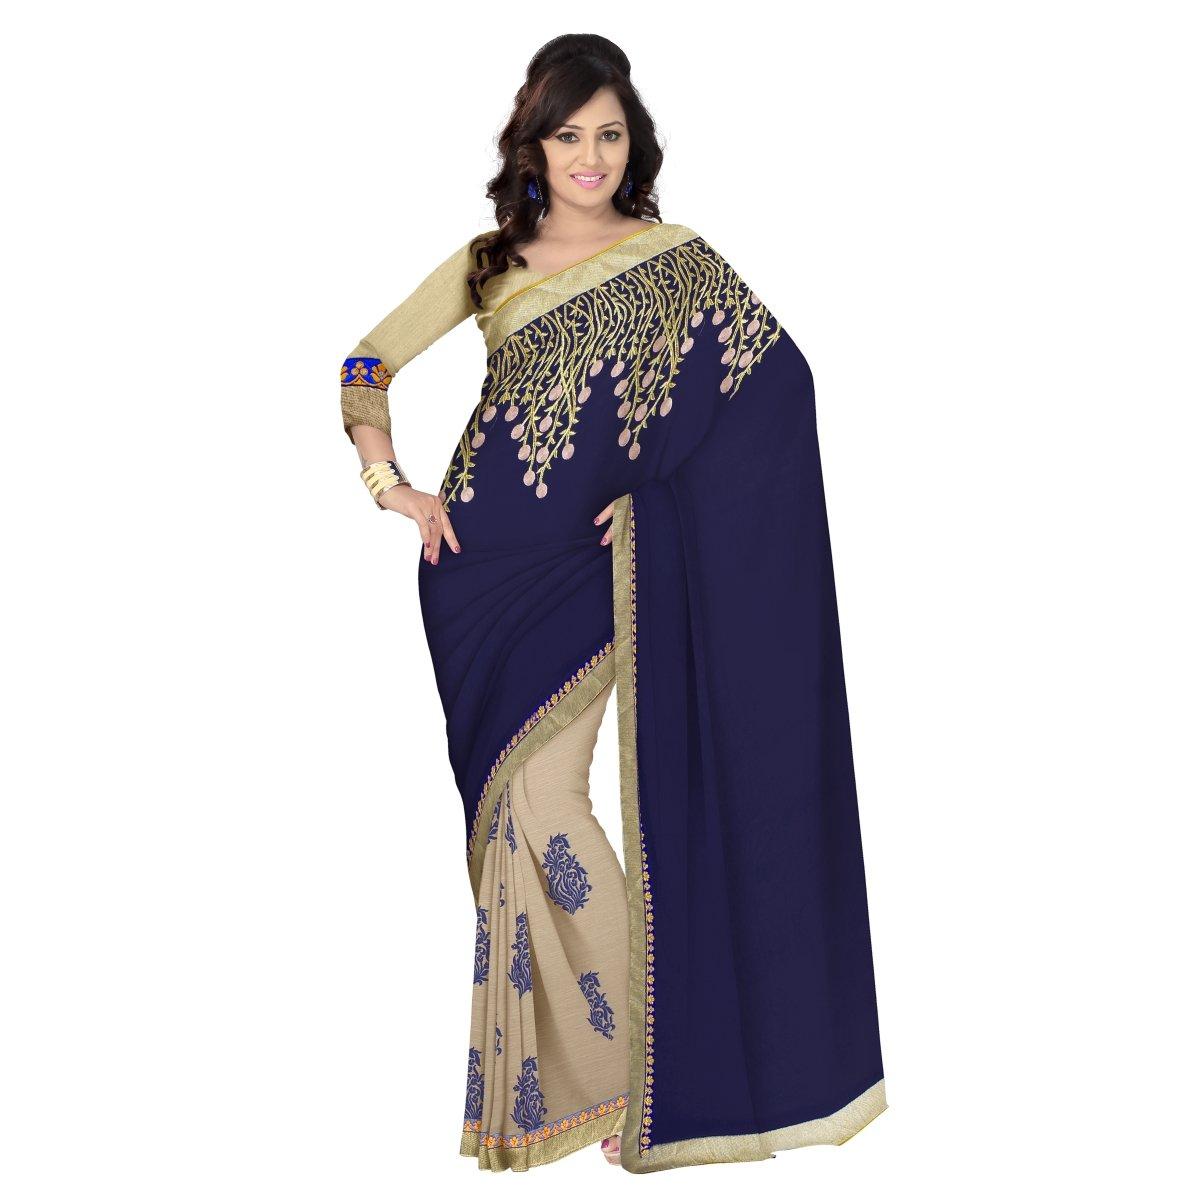 Triveni Damen Indisch Bollywood Beige Grenze Arbeitete Georgette Chiffon Saree TSN72007